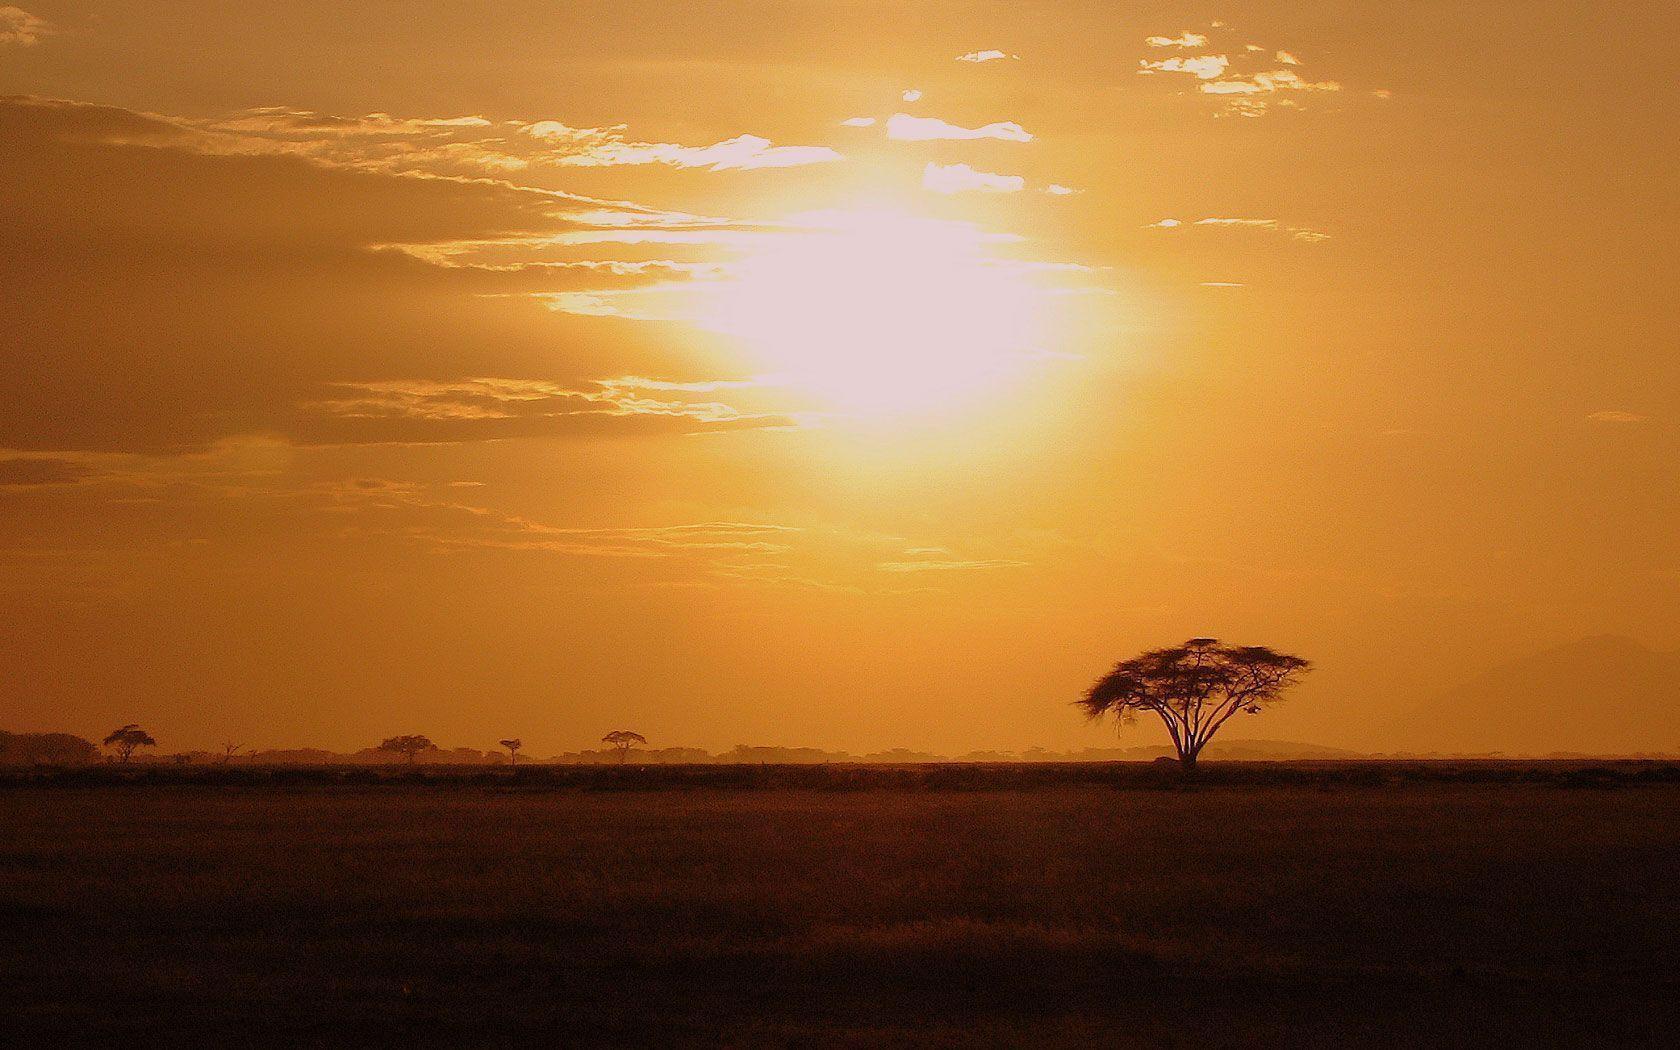 Africa Wallpapers | Africa Desktop Backgrounds | plusWallpapers.